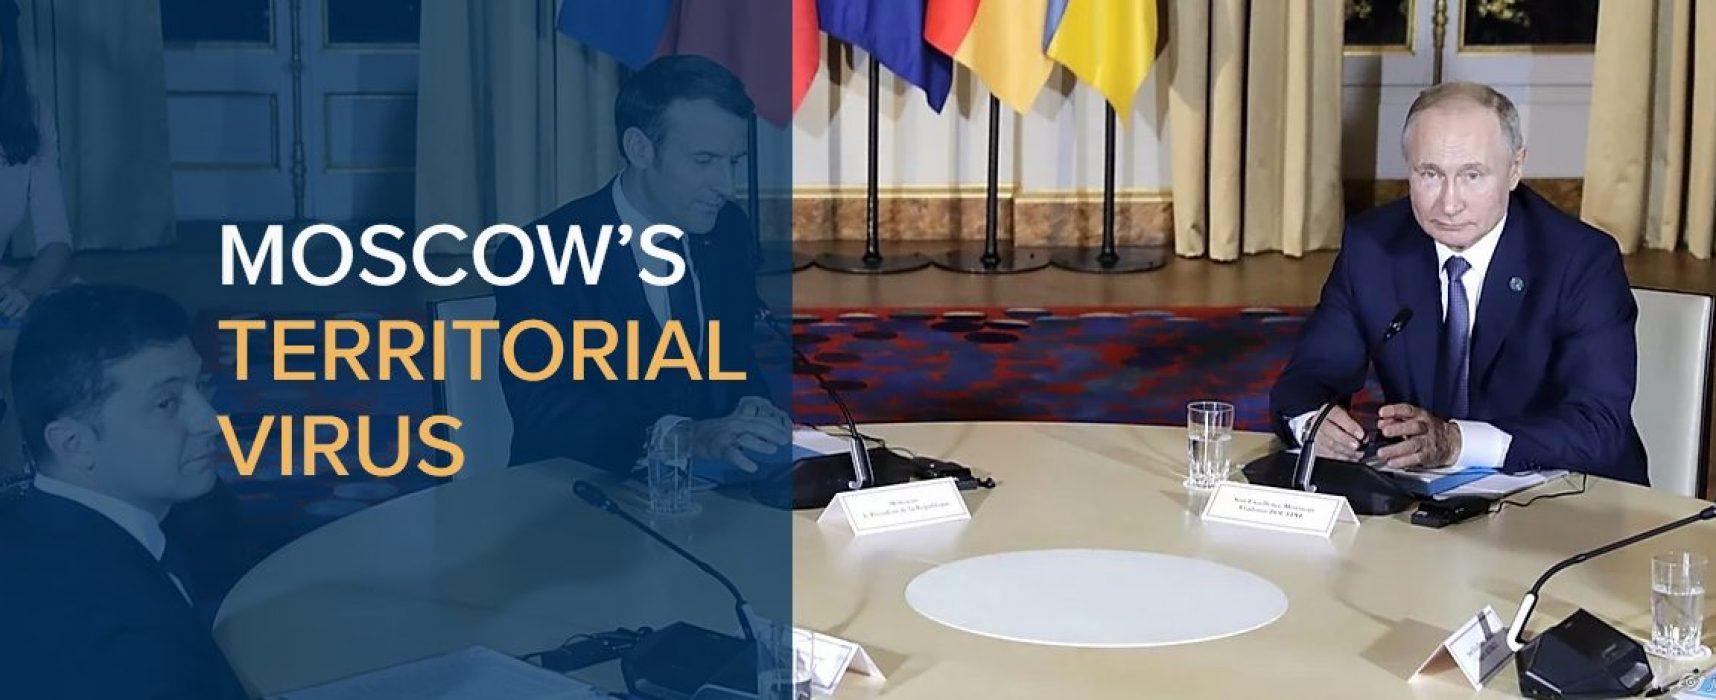 Moskaus territoriales Virus: Gegen die Gefangennahme der Ukraine durch den Kreml